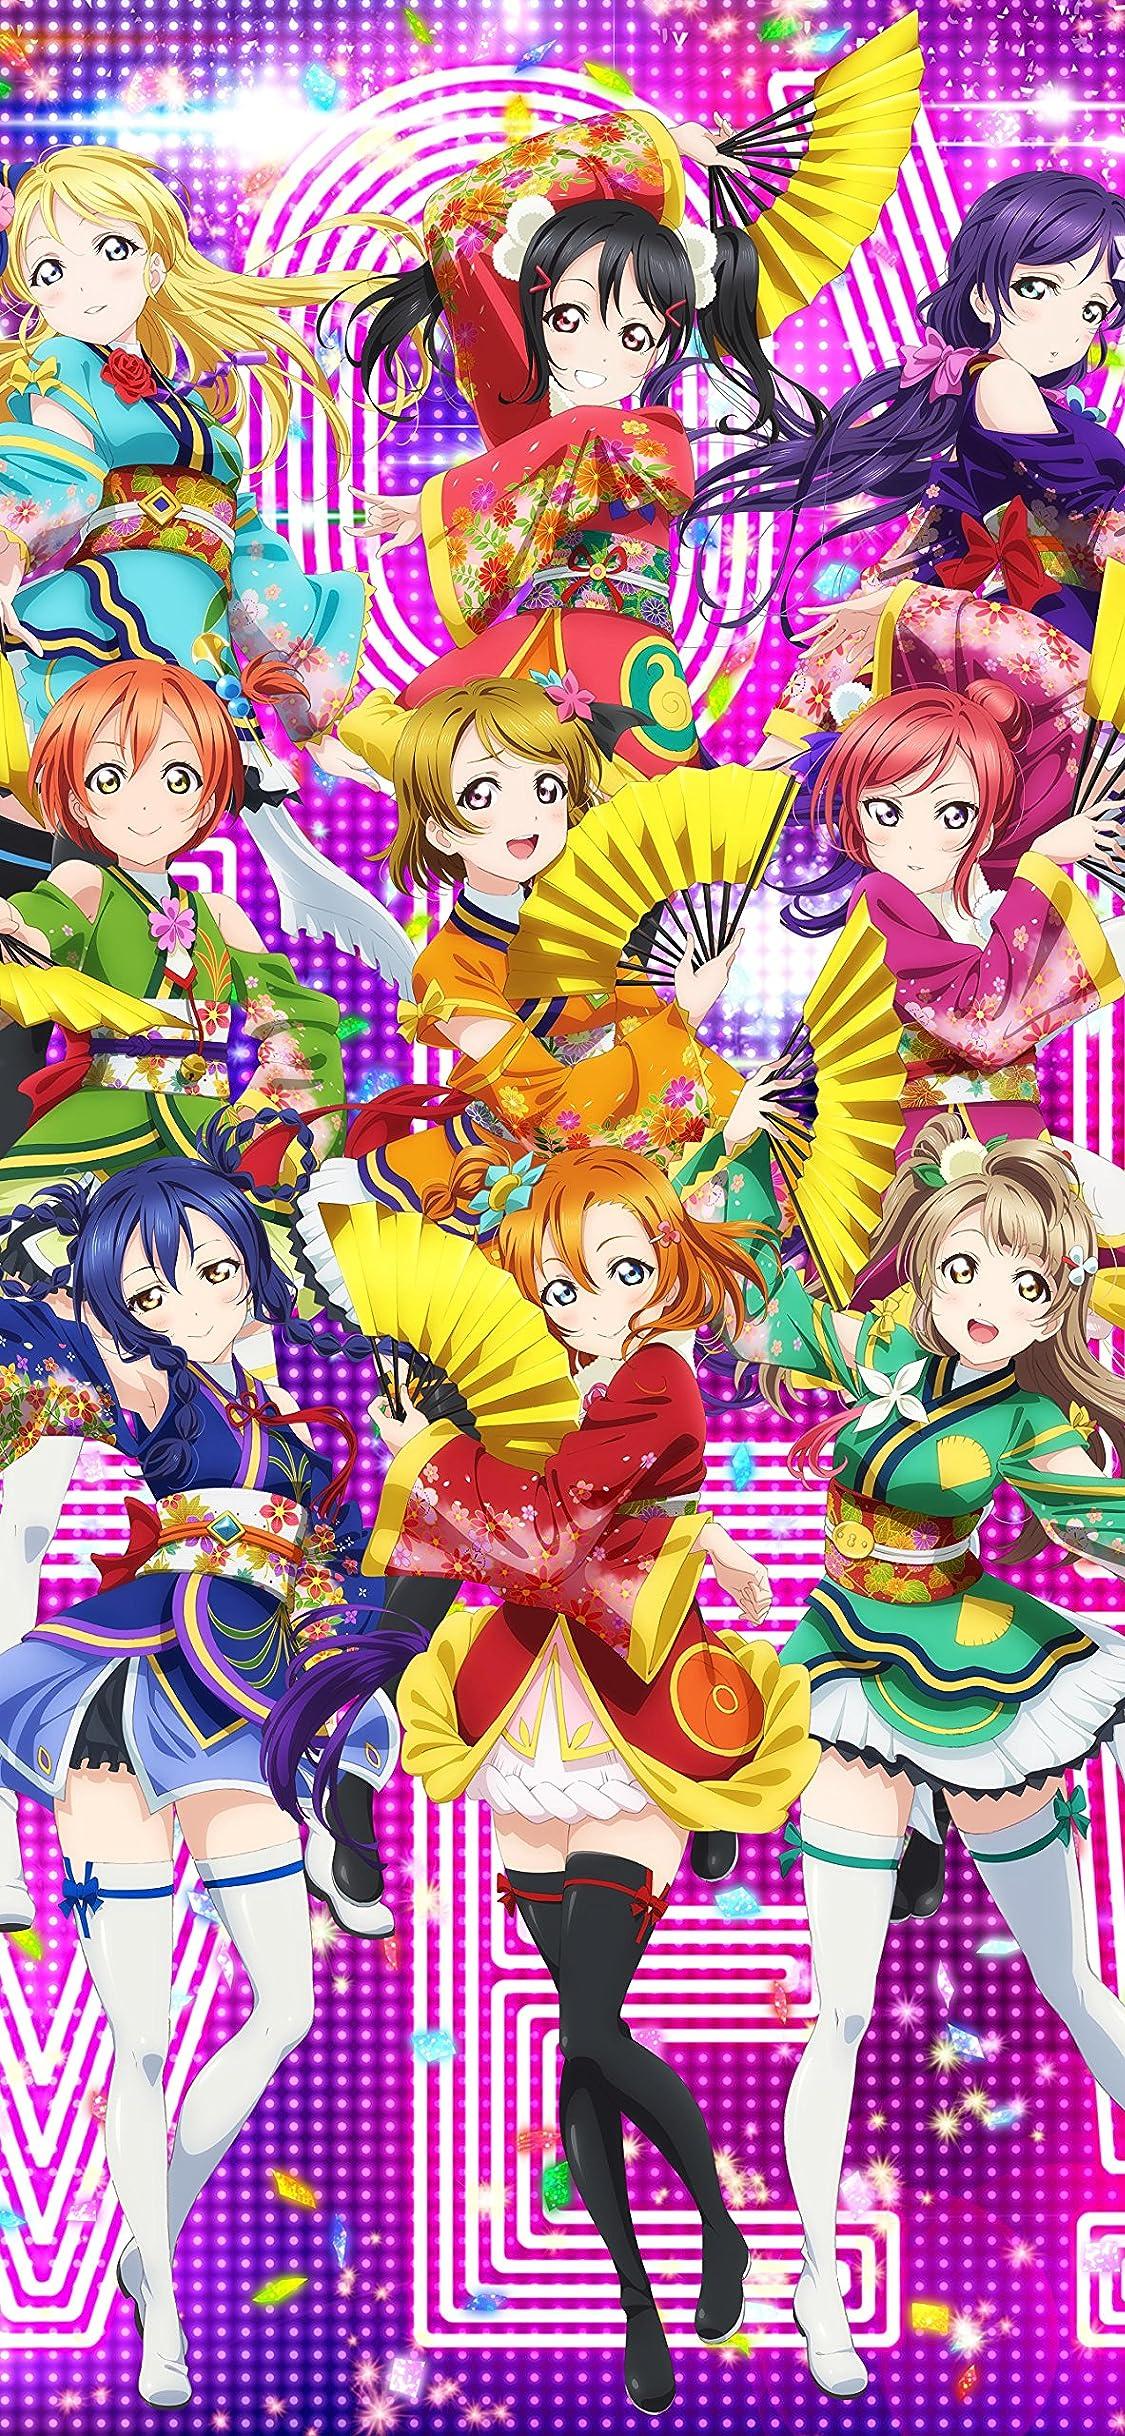 ラブライブ Iphone X 壁紙 1125x2436 Angelic Angel M S アニメ